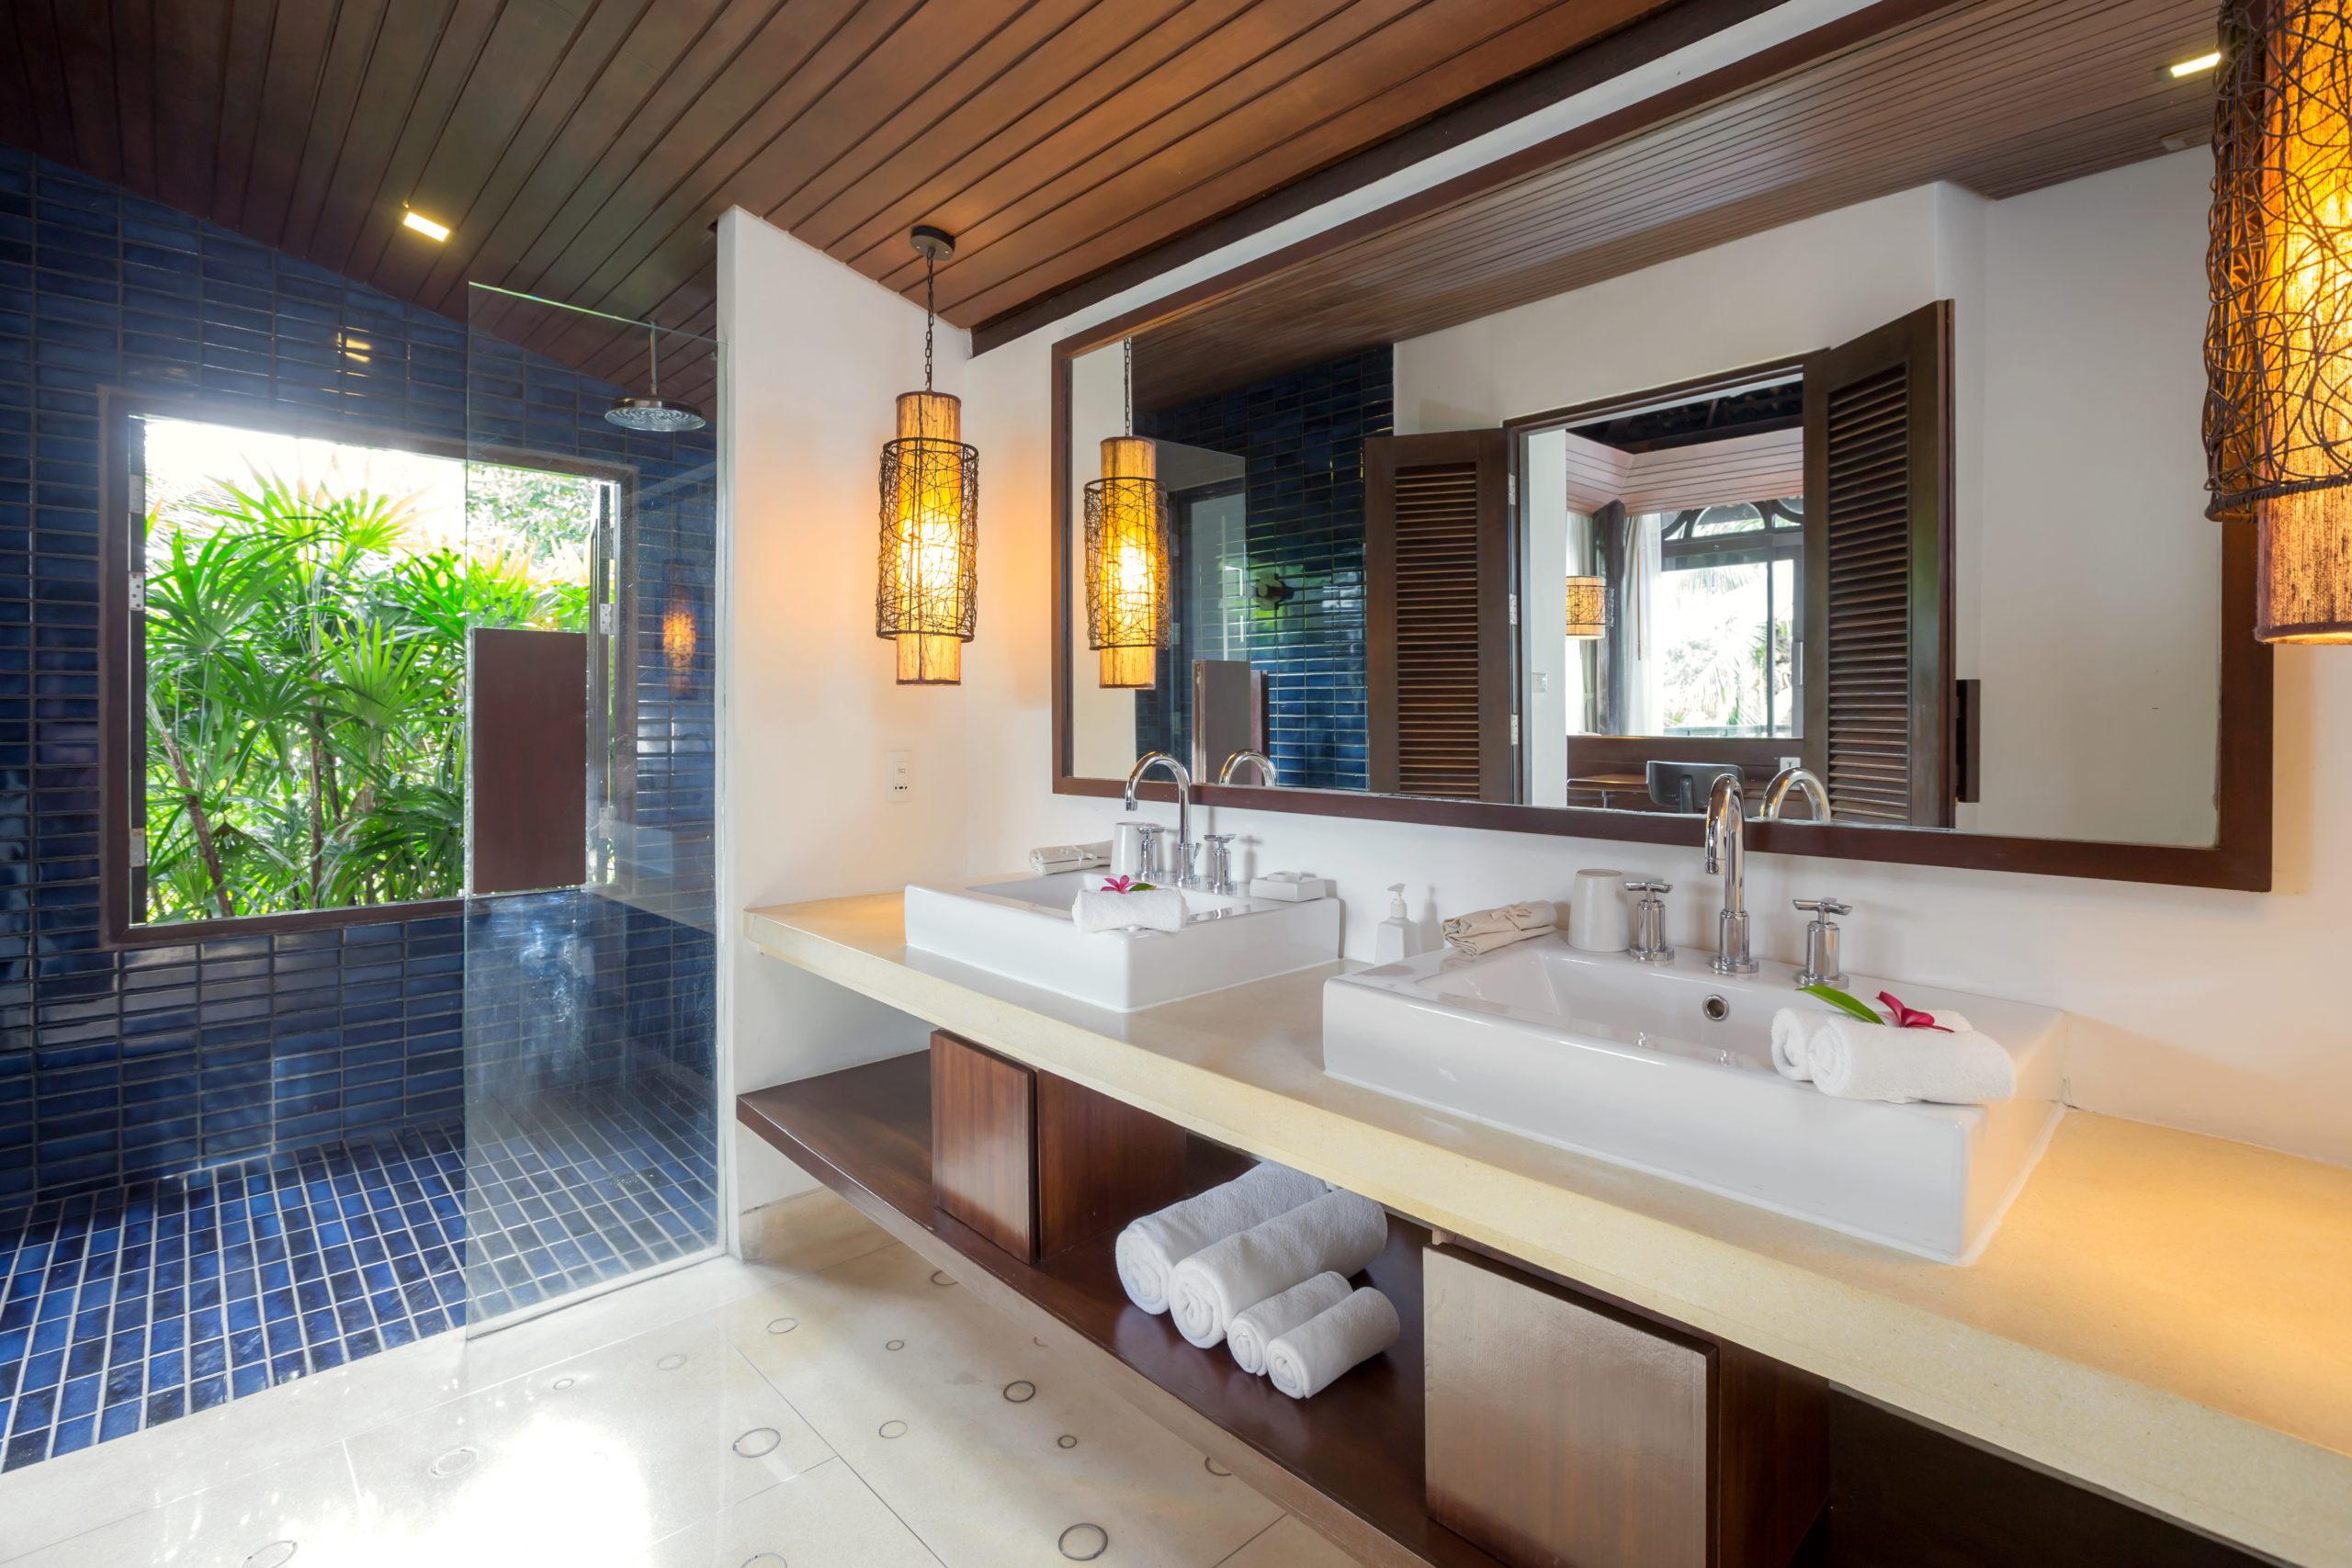 016_Two-Bedroom Pool Villa_Bathroom The Vijitt Resort Phuket